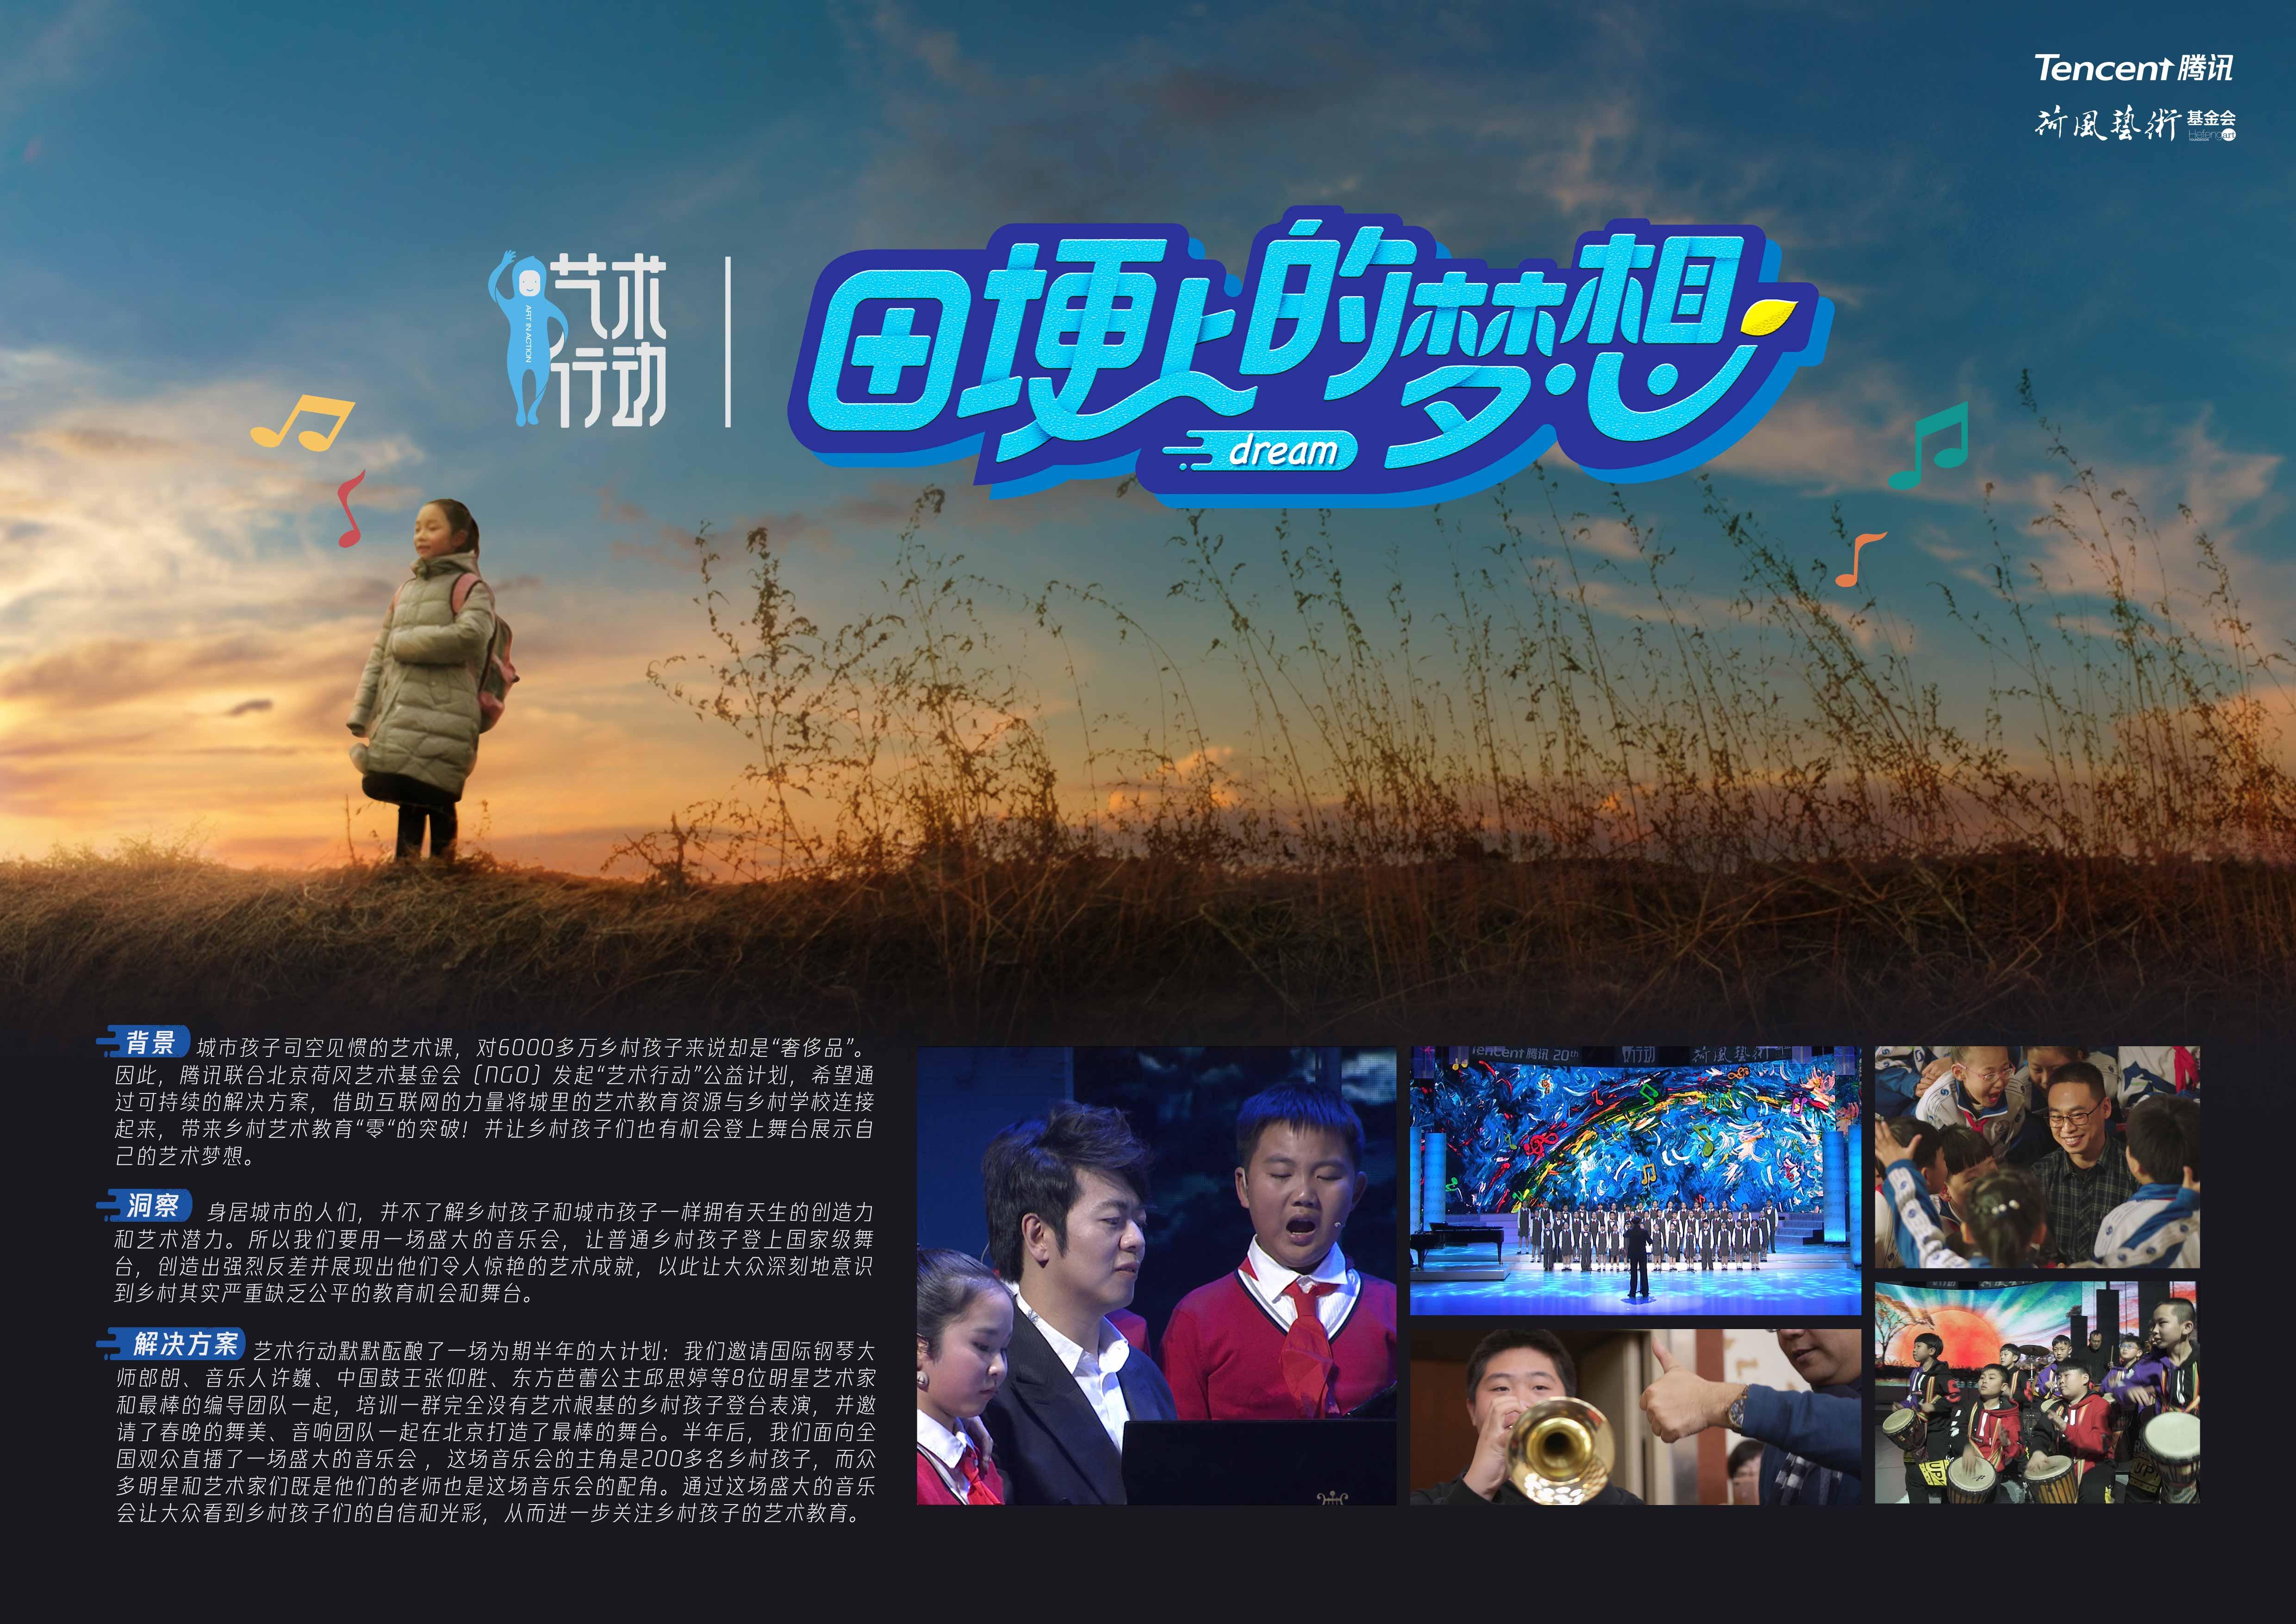 2019_cn_2019_e191-ed-160397364_hero_1